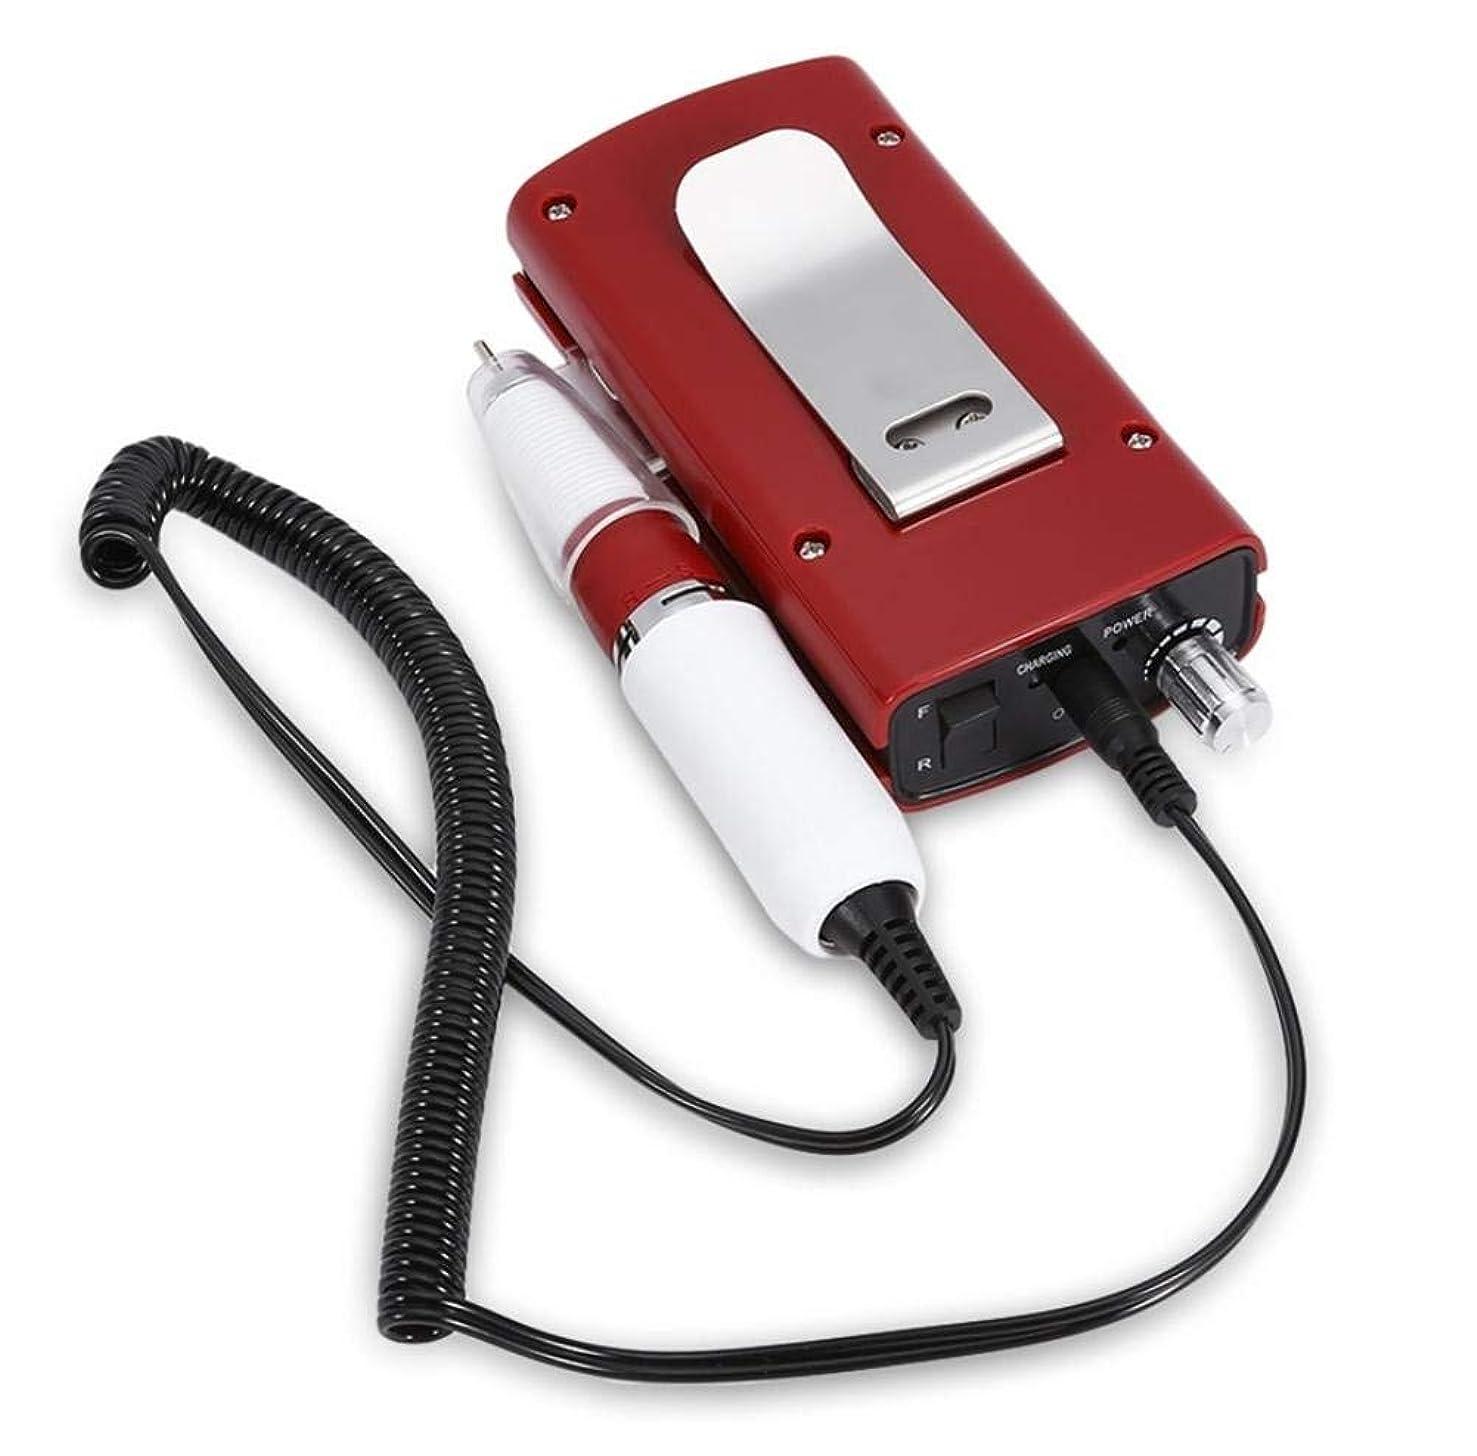 沈黙目の前の唯物論充電式30000 rpmネイルドリル機ポータブルネイルファイル器具用マニキュアペディキュアマシンニスネイルポリッシャードリルビットサンディングバンド3色